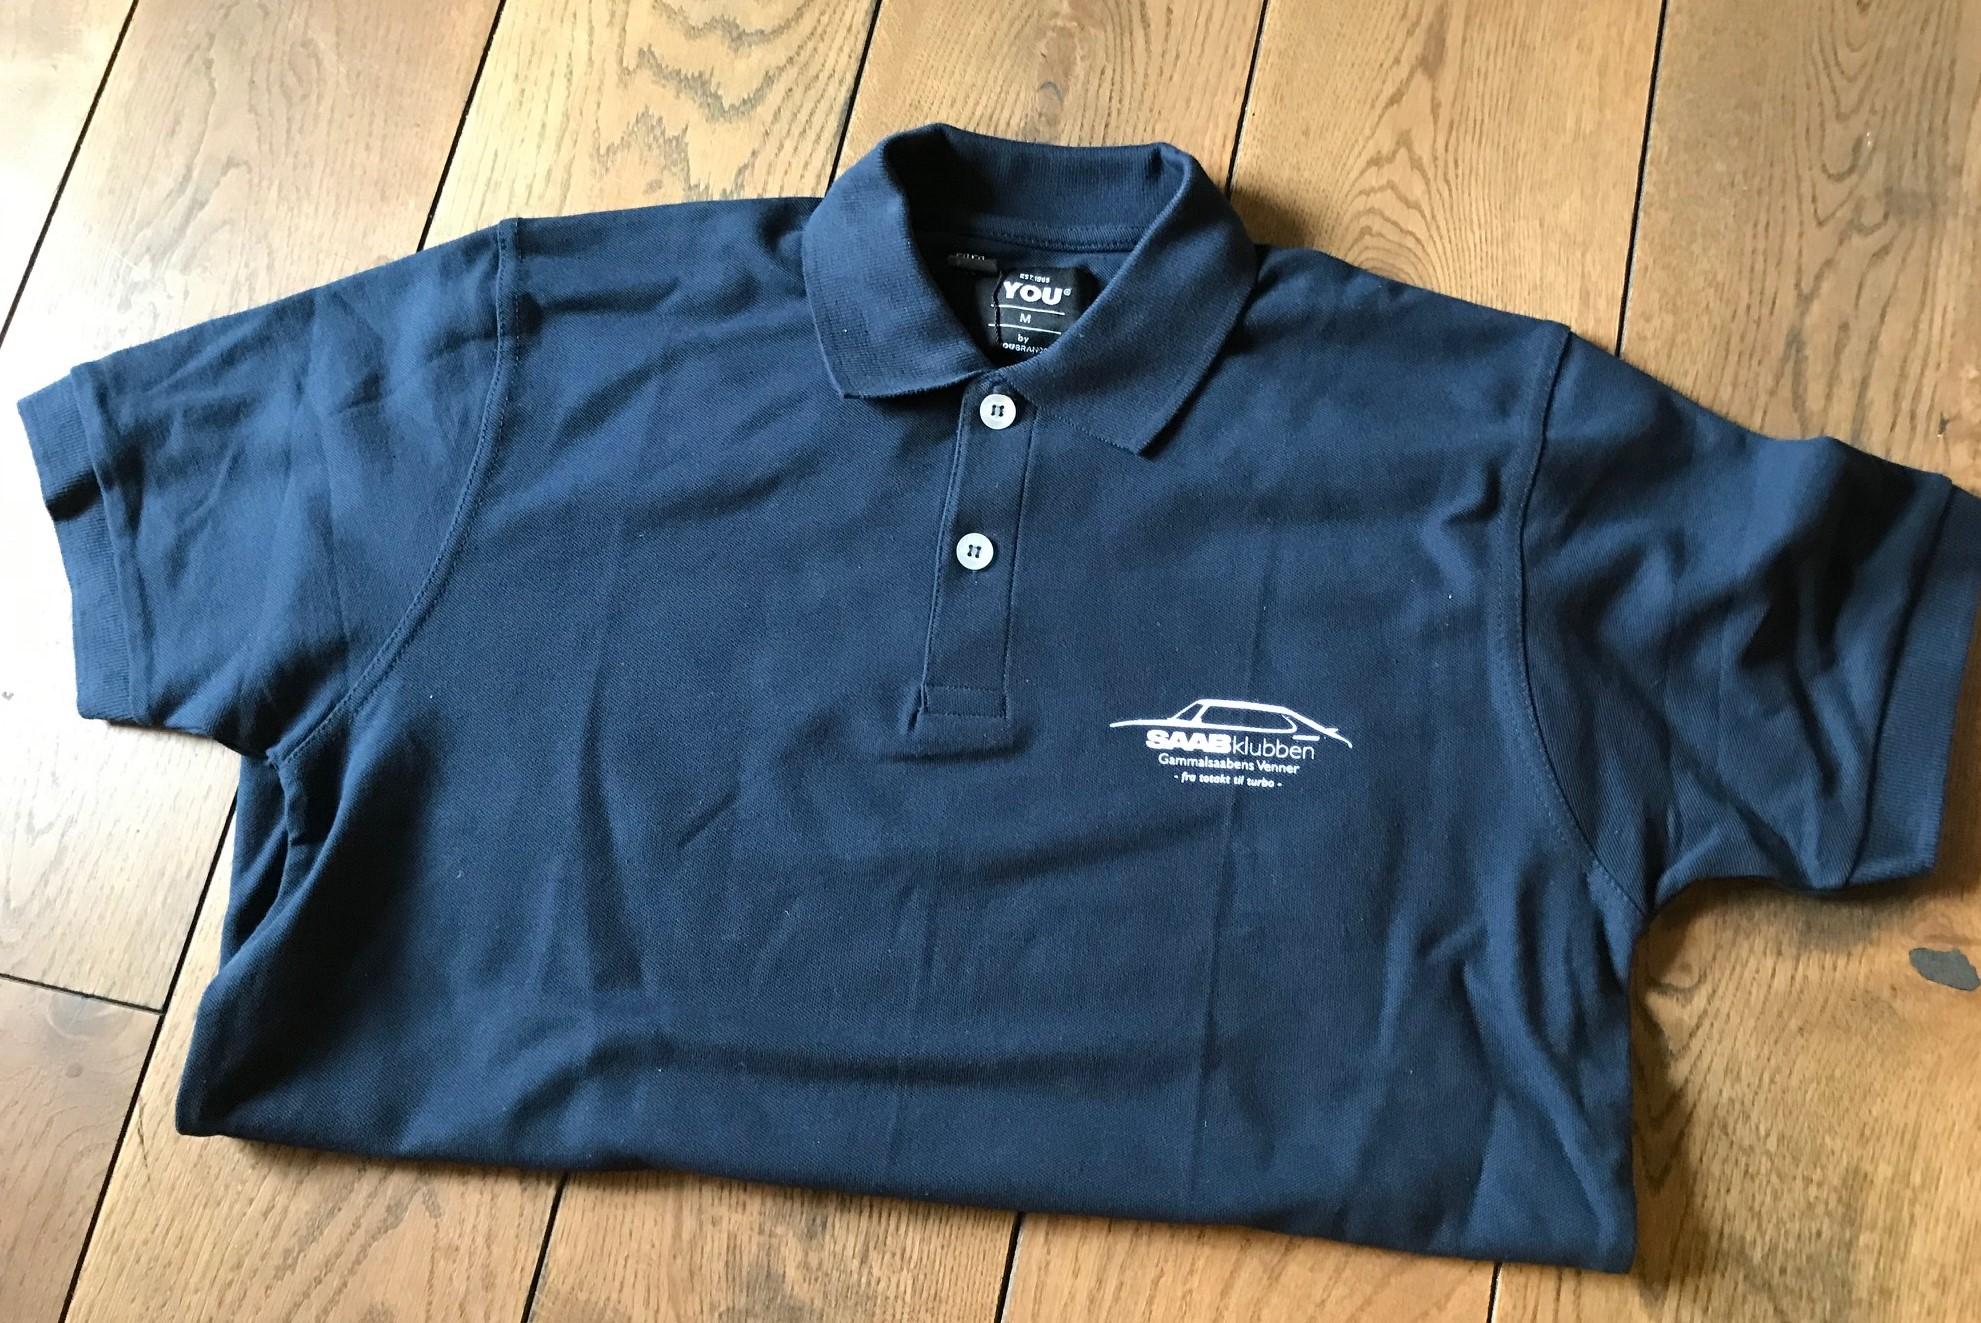 f2a9d619 GSV piquet-skjorte Blå (ny logo) - Gammalsaabens Venner